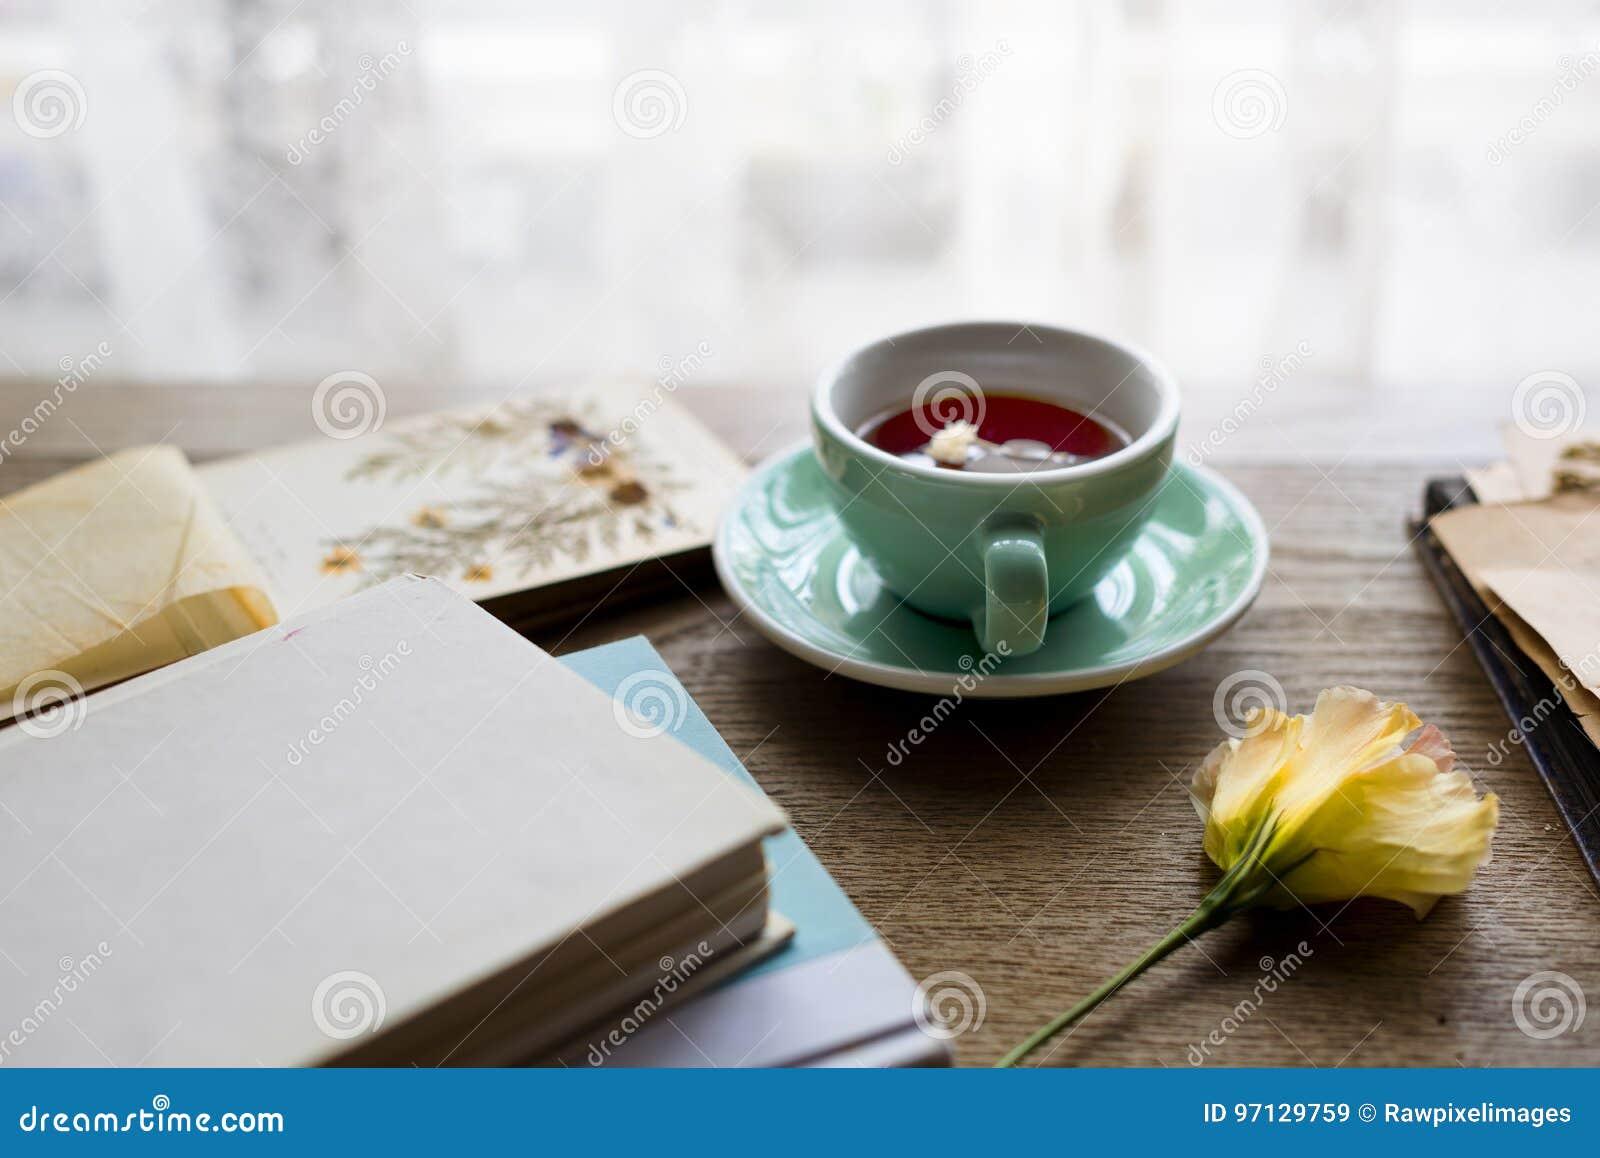 Blumen-Blüten-Entspannungs-Tee-Schale ruhig